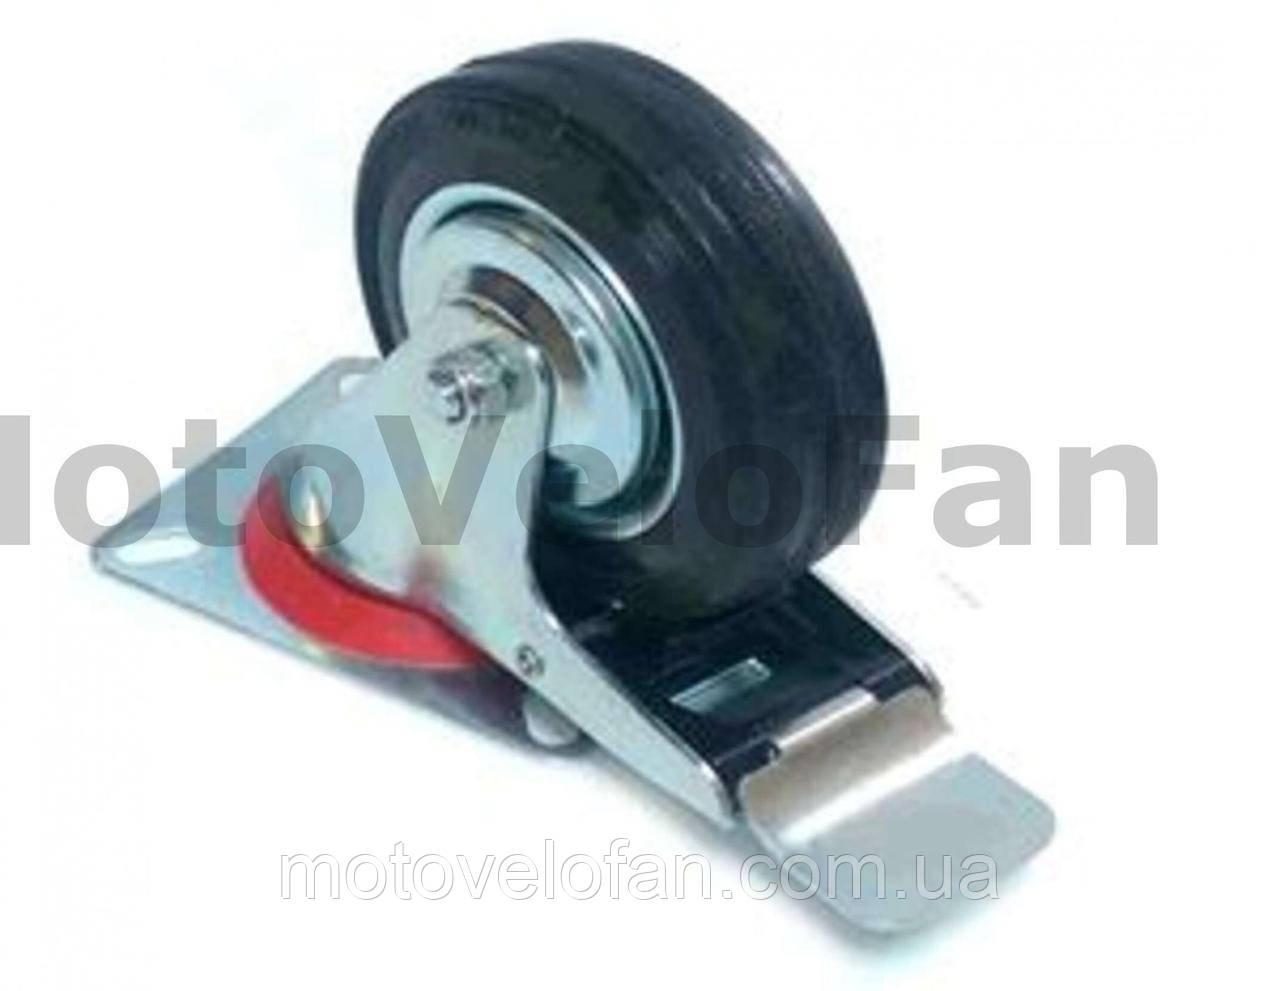 Колесо для тачек и платформ (литая резина) (в сборе с креплением и тормозами)   (100mm)   ELIT